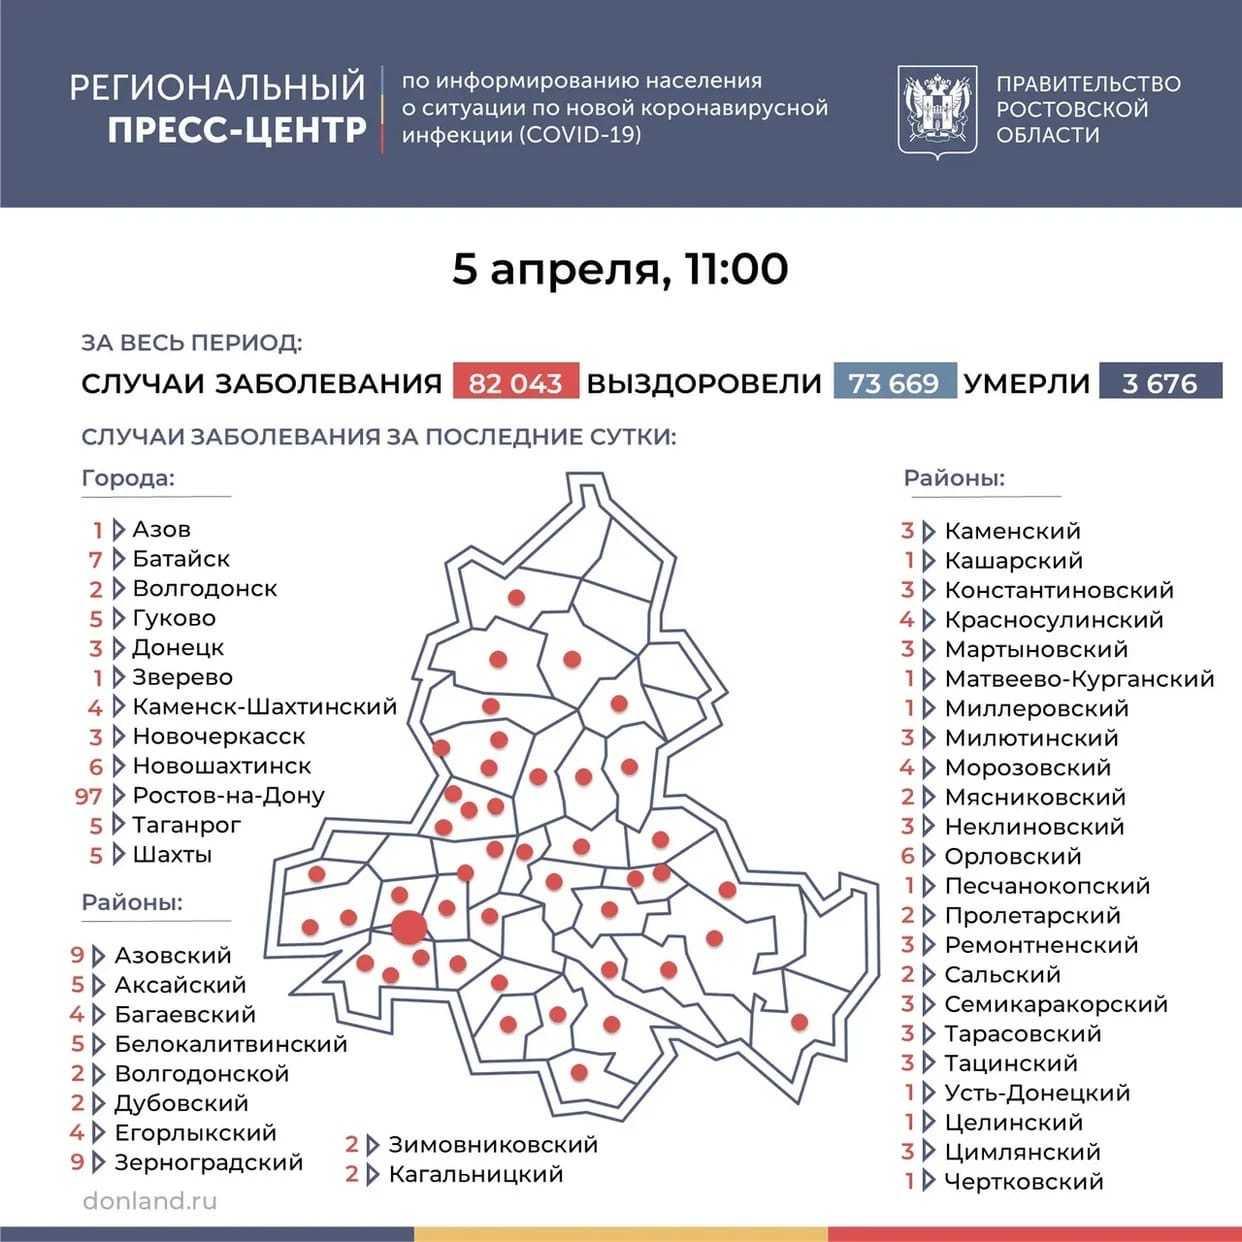 коронавирус в ростовской сегодня